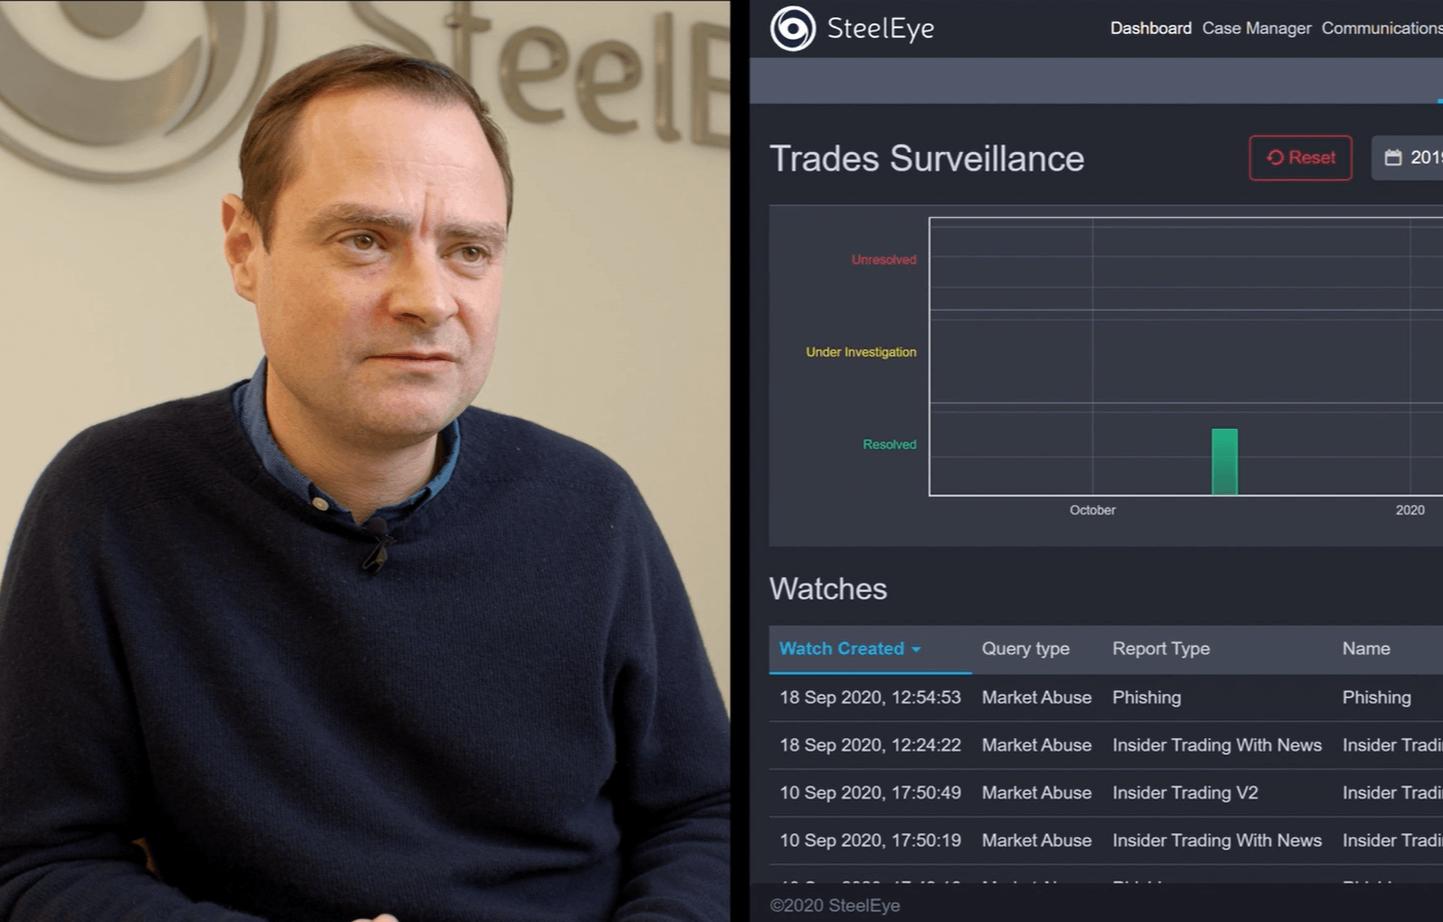 SteelEye Trade Surveillance